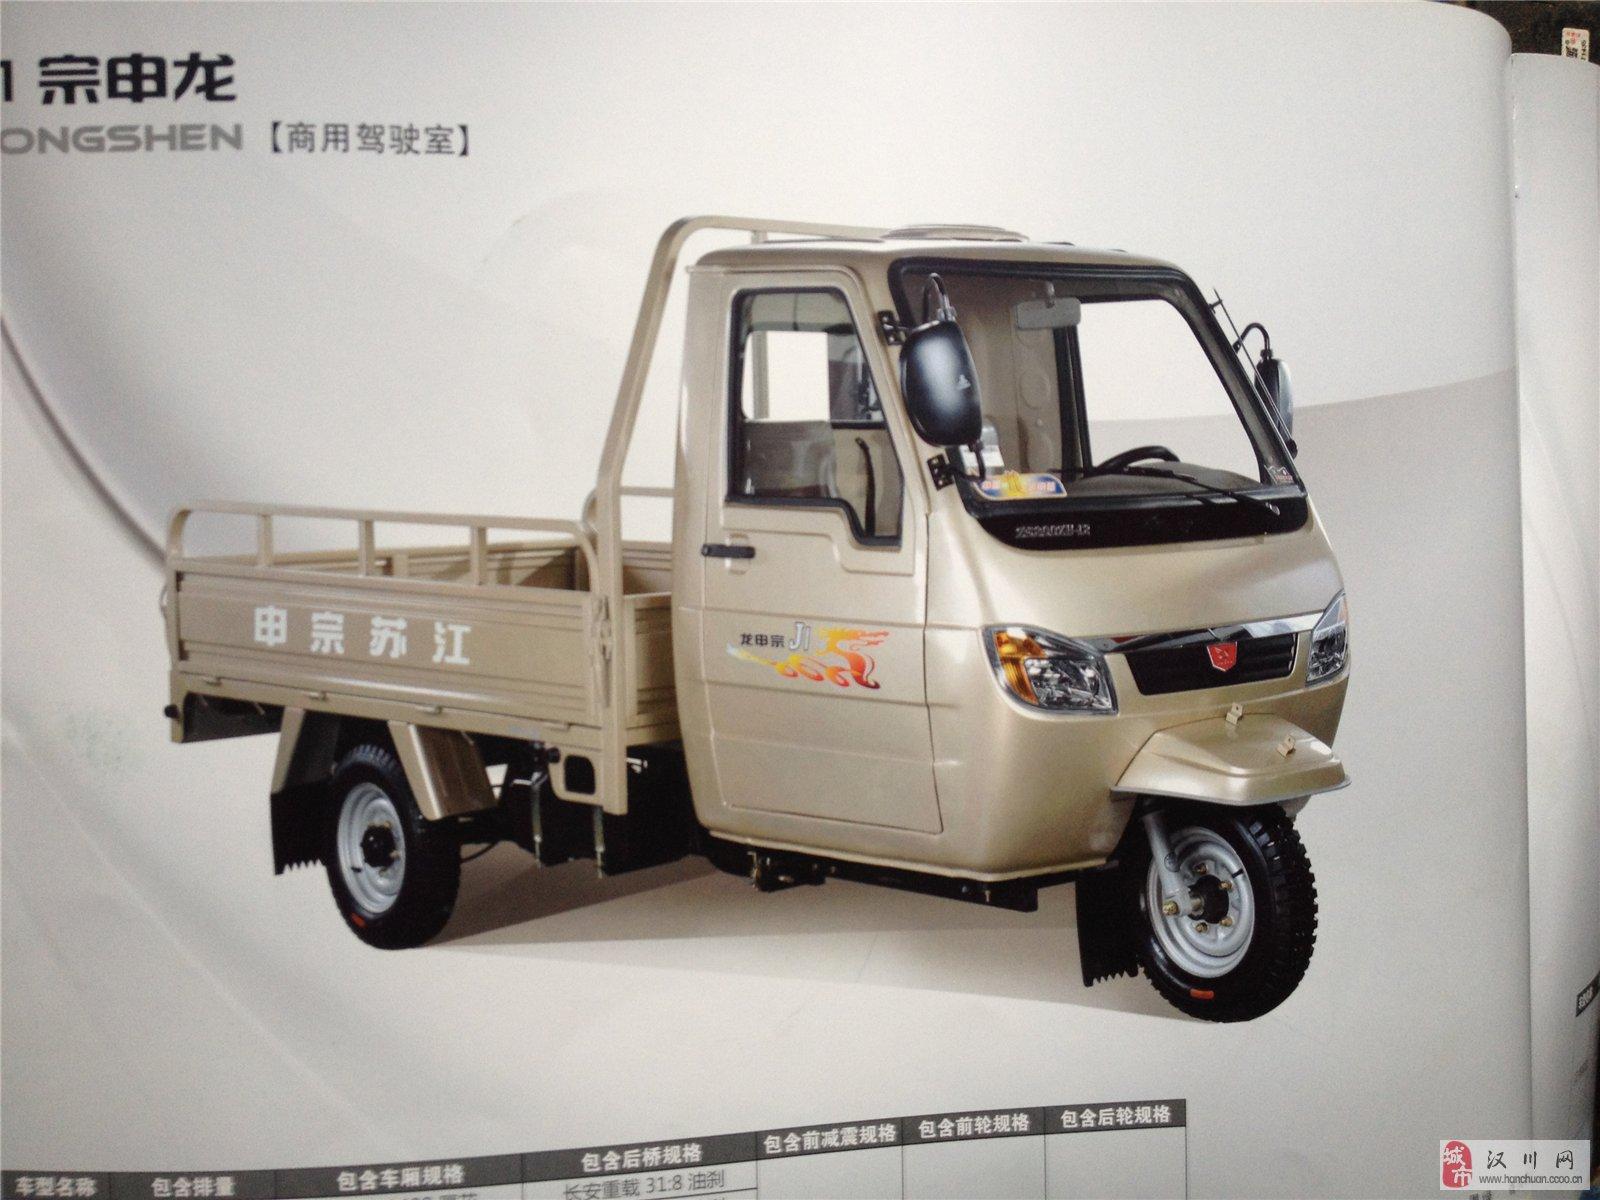 江苏宗申三轮摩托车专卖(新世纪车行)